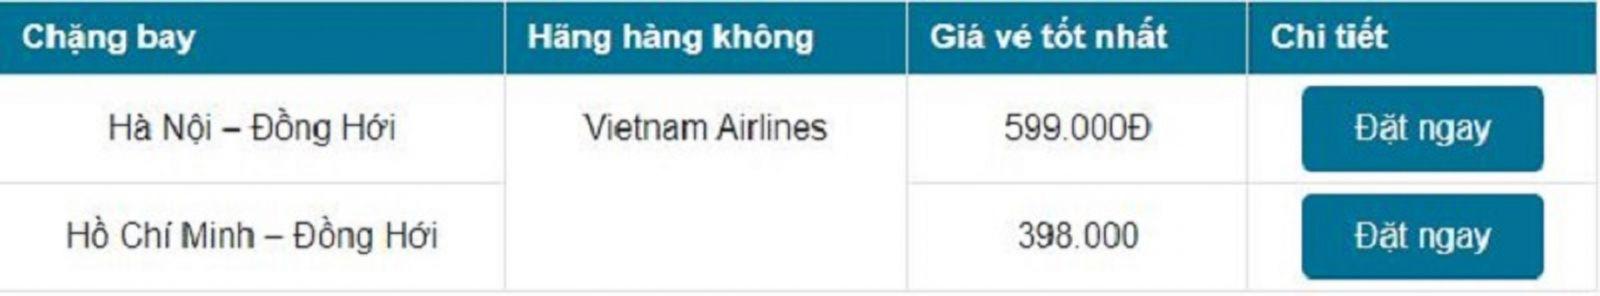 Mẫu vé máy bay chặng đi từ Hà Nội đến Đồng Hới của hãng hàng không Vietnam Airlines